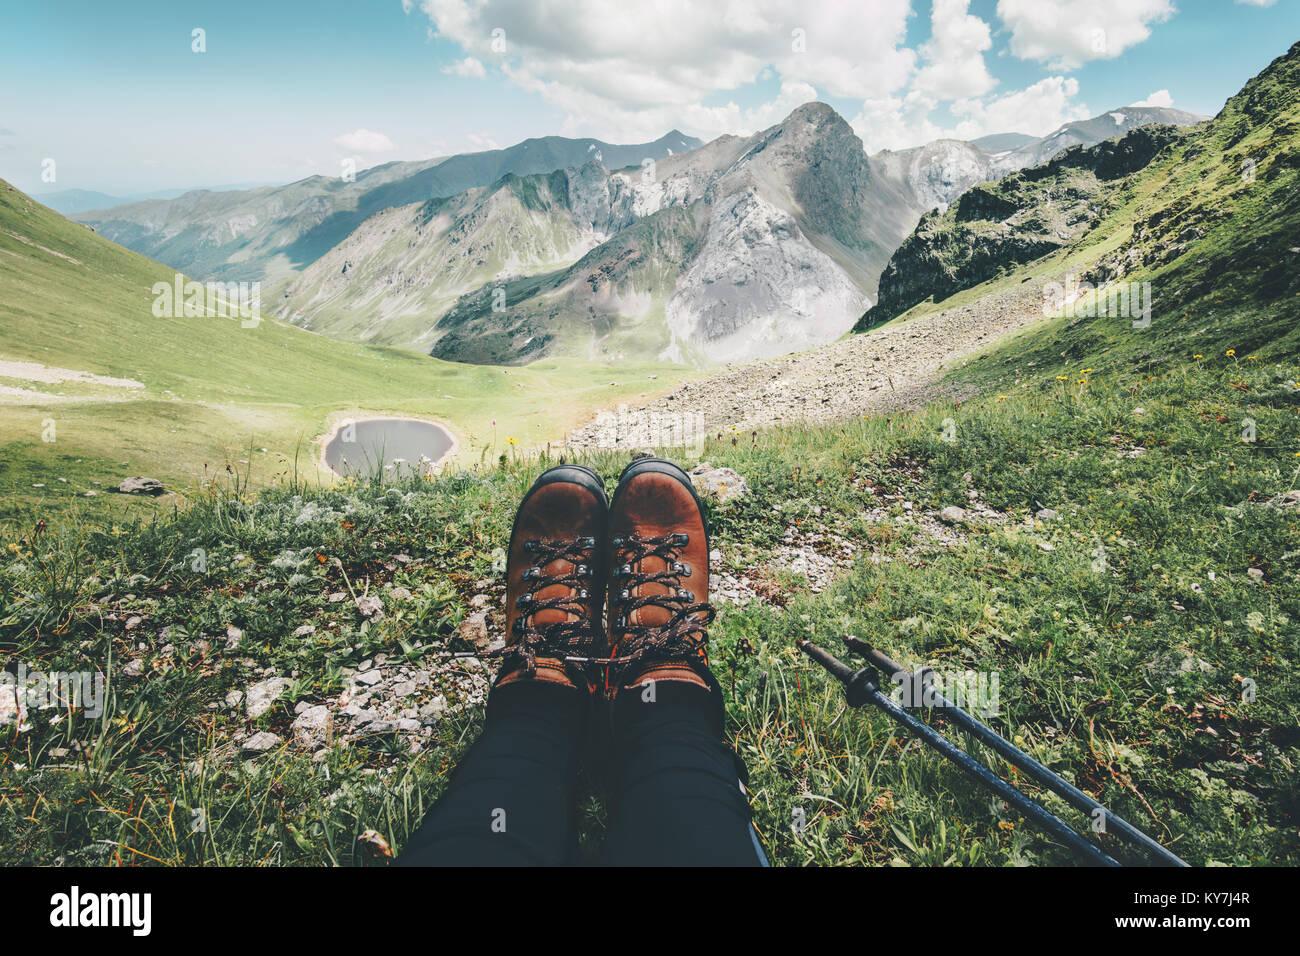 Piedi scarpe da trekking e il paesaggio delle montagne sullo sfondo stile di vita viaggio vacanze avventura concept Immagini Stock